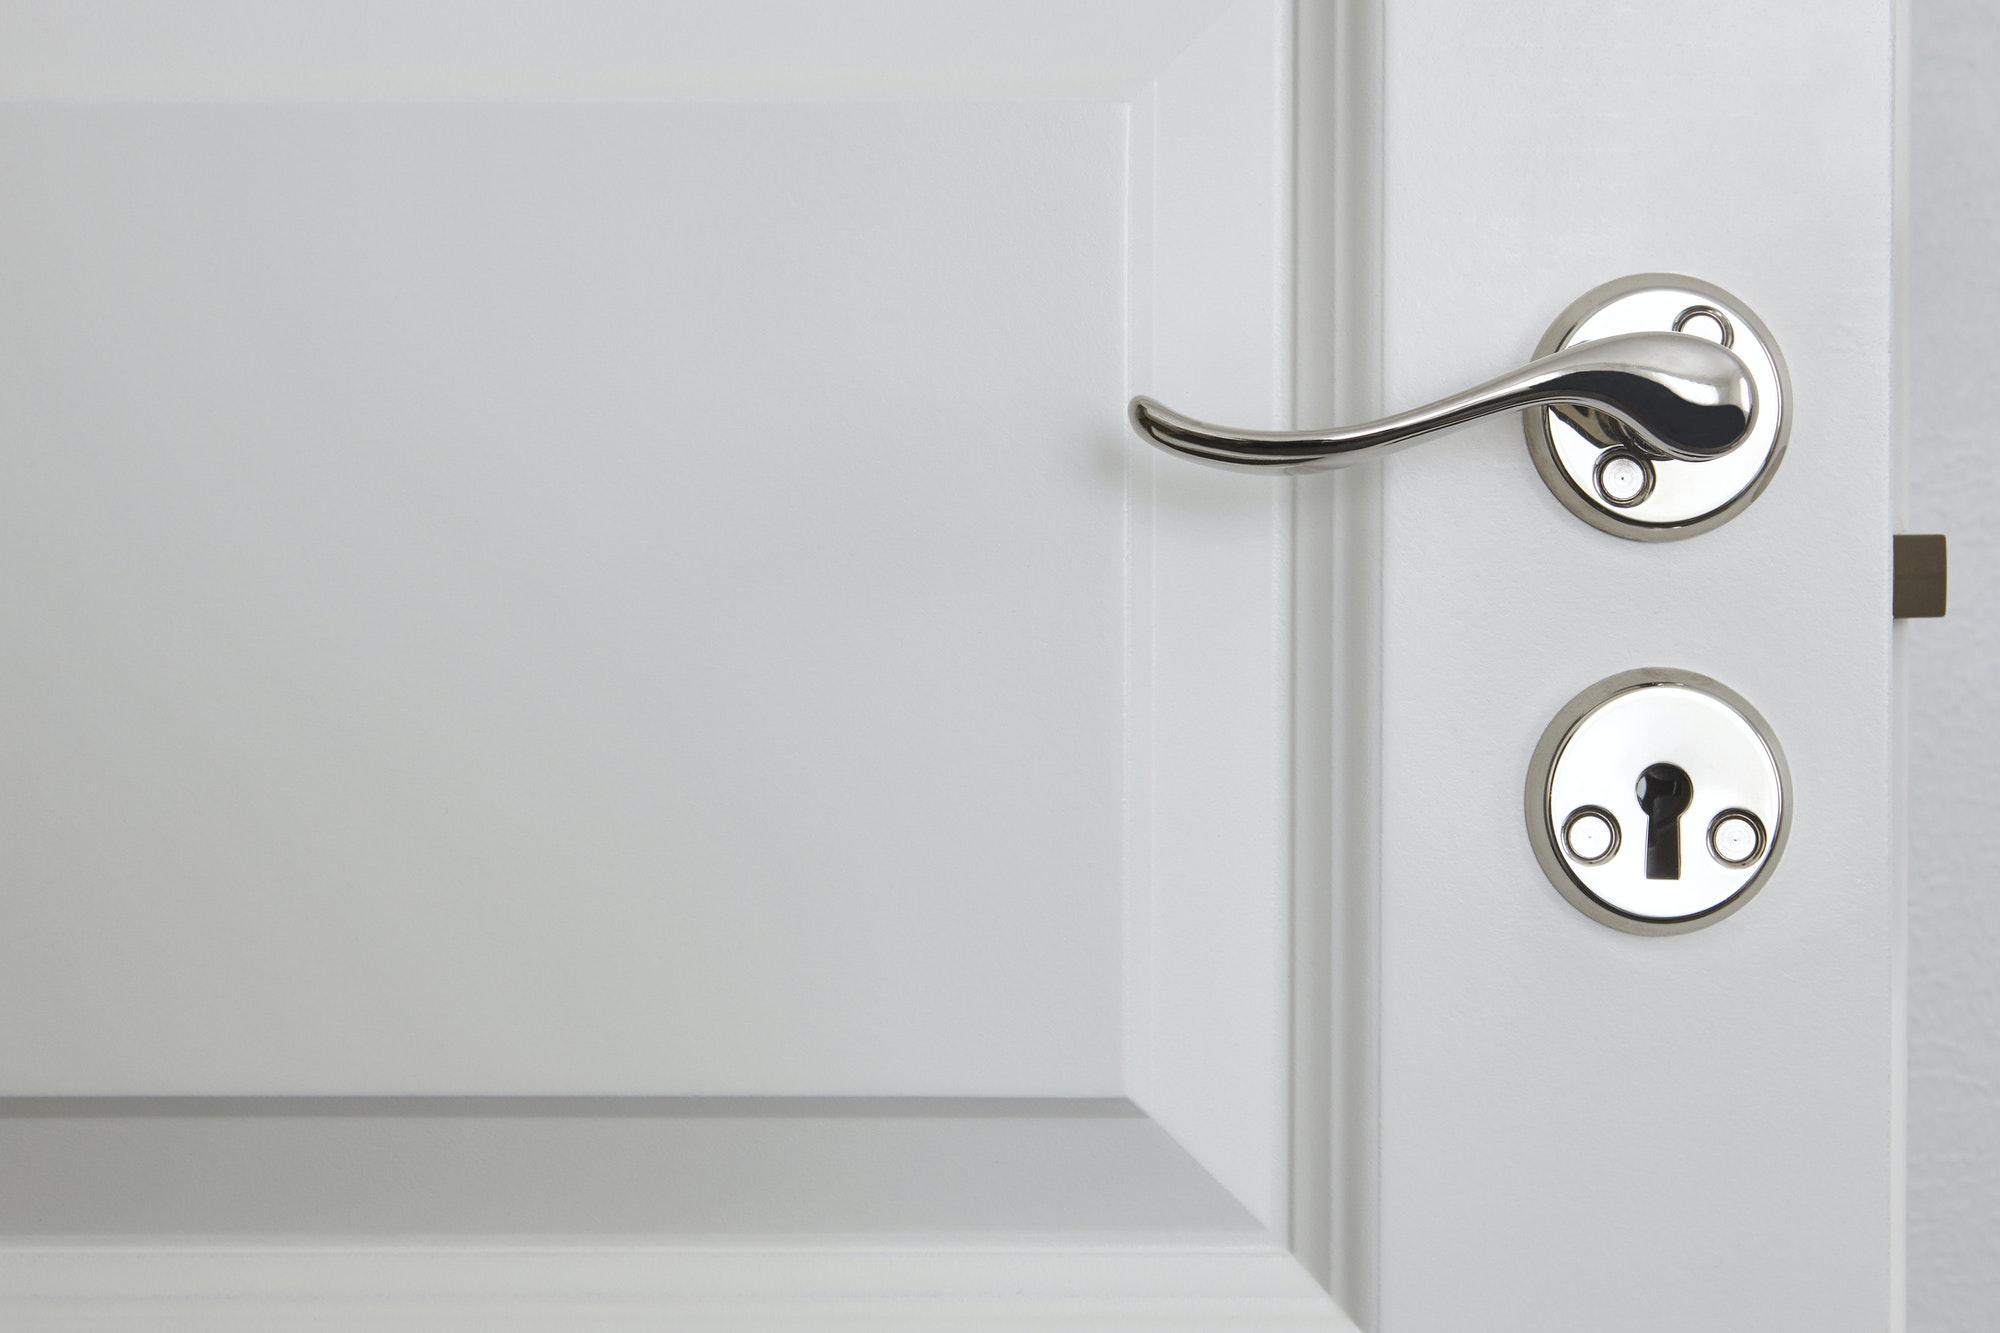 Metallic door knob on a classic white door. Home interior